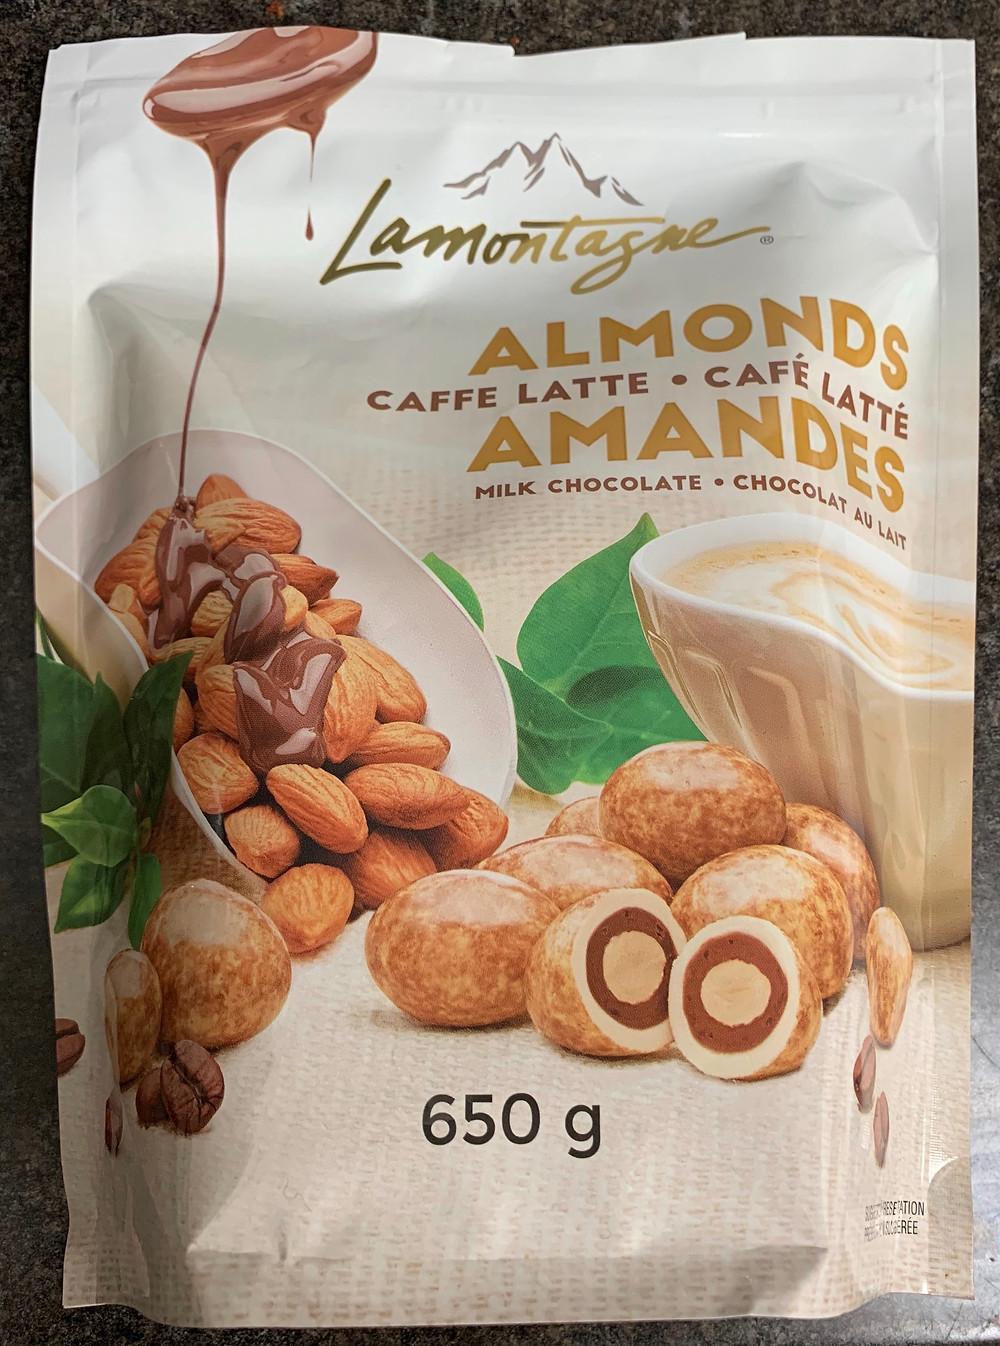 Costco Lamontagne Caffe Latte Almonds